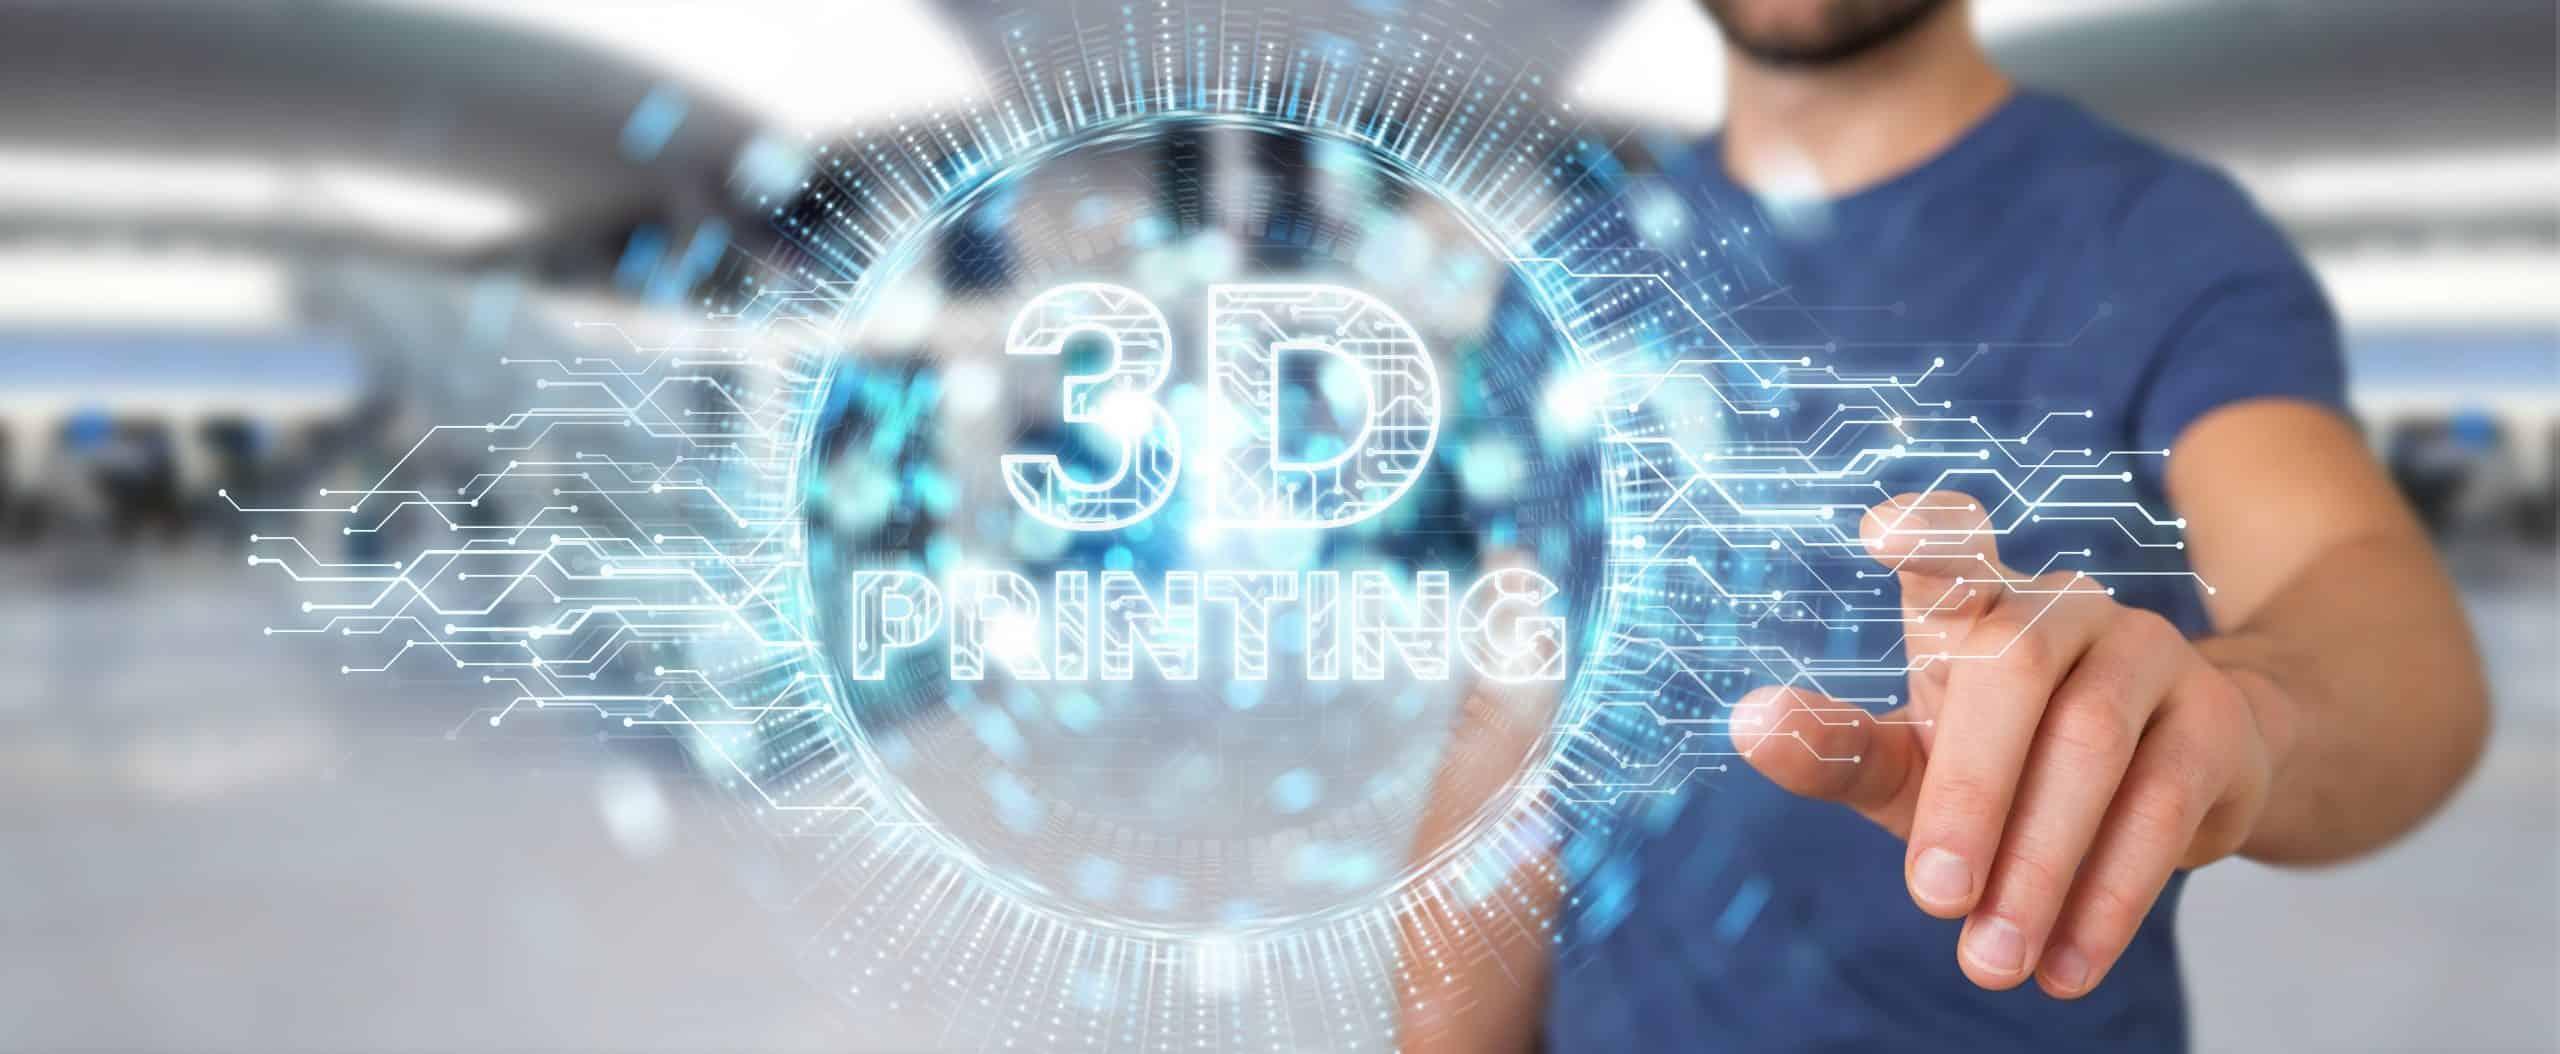 Was du wissen musst, wenn du mit dem 3D Druck beginnen willst